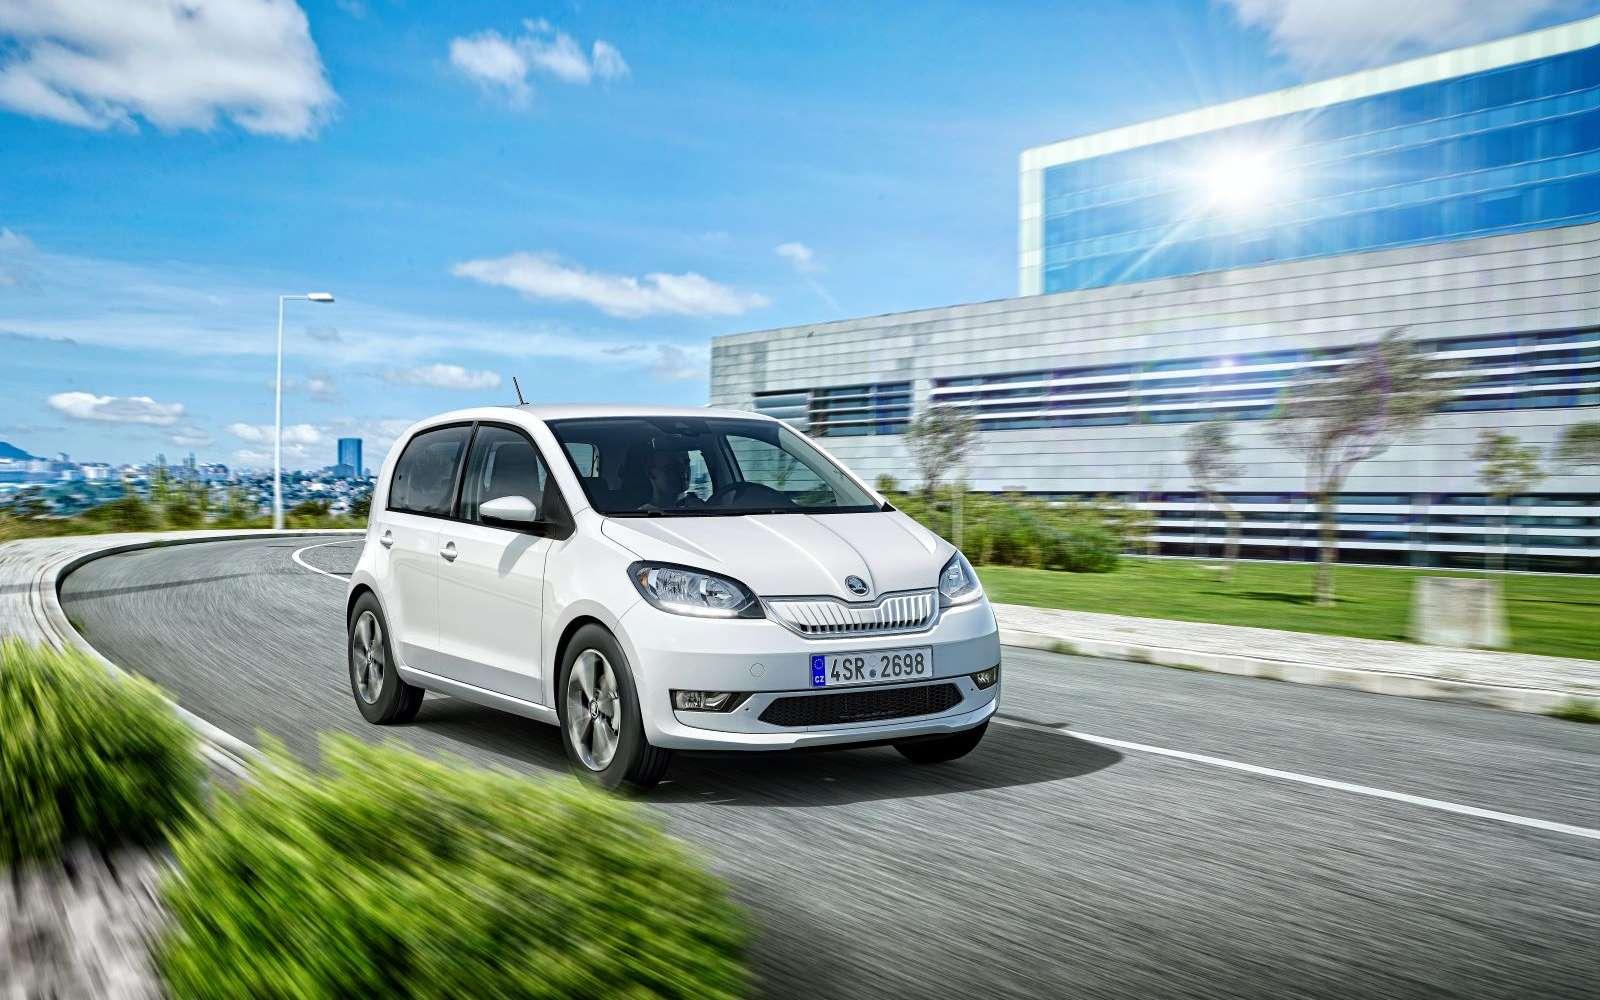 La citadine Skoda reprend les caractéristiques de la e-up ! de Volkswagen. © Skoda